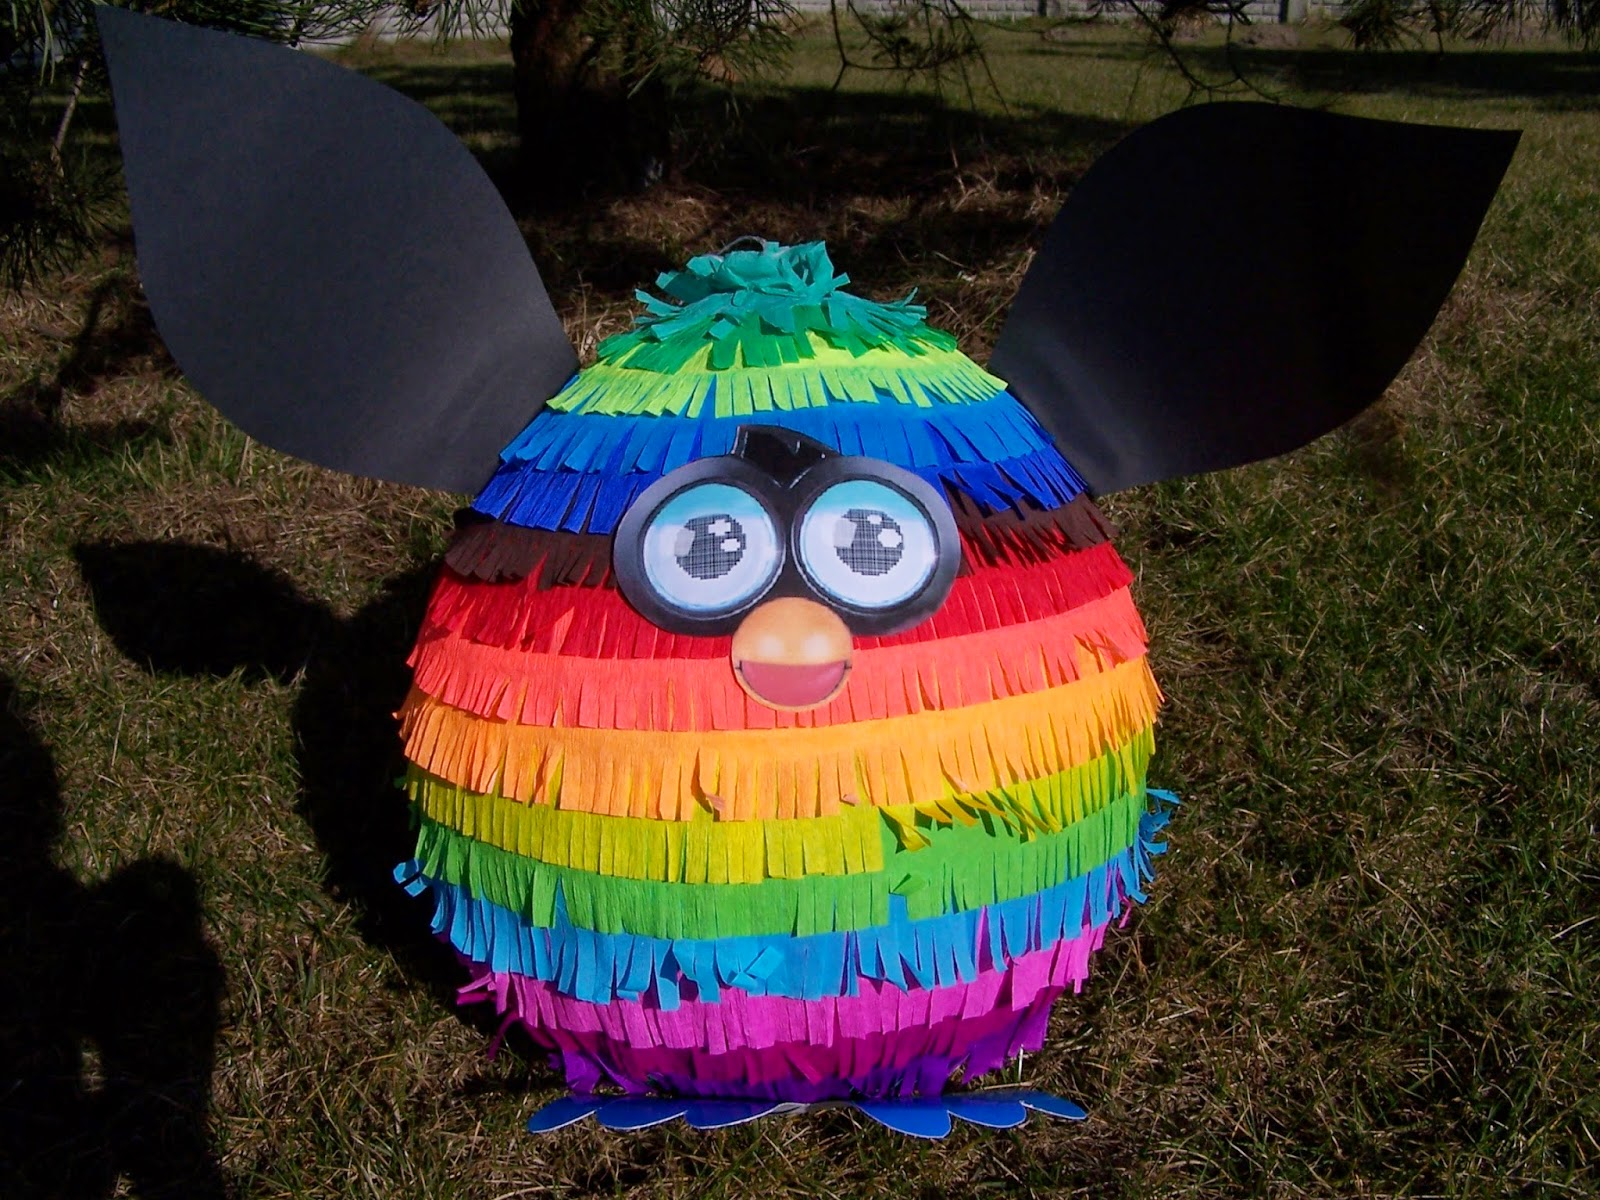 Olbrzymia i okazała piniata Furby - wielokolorowa